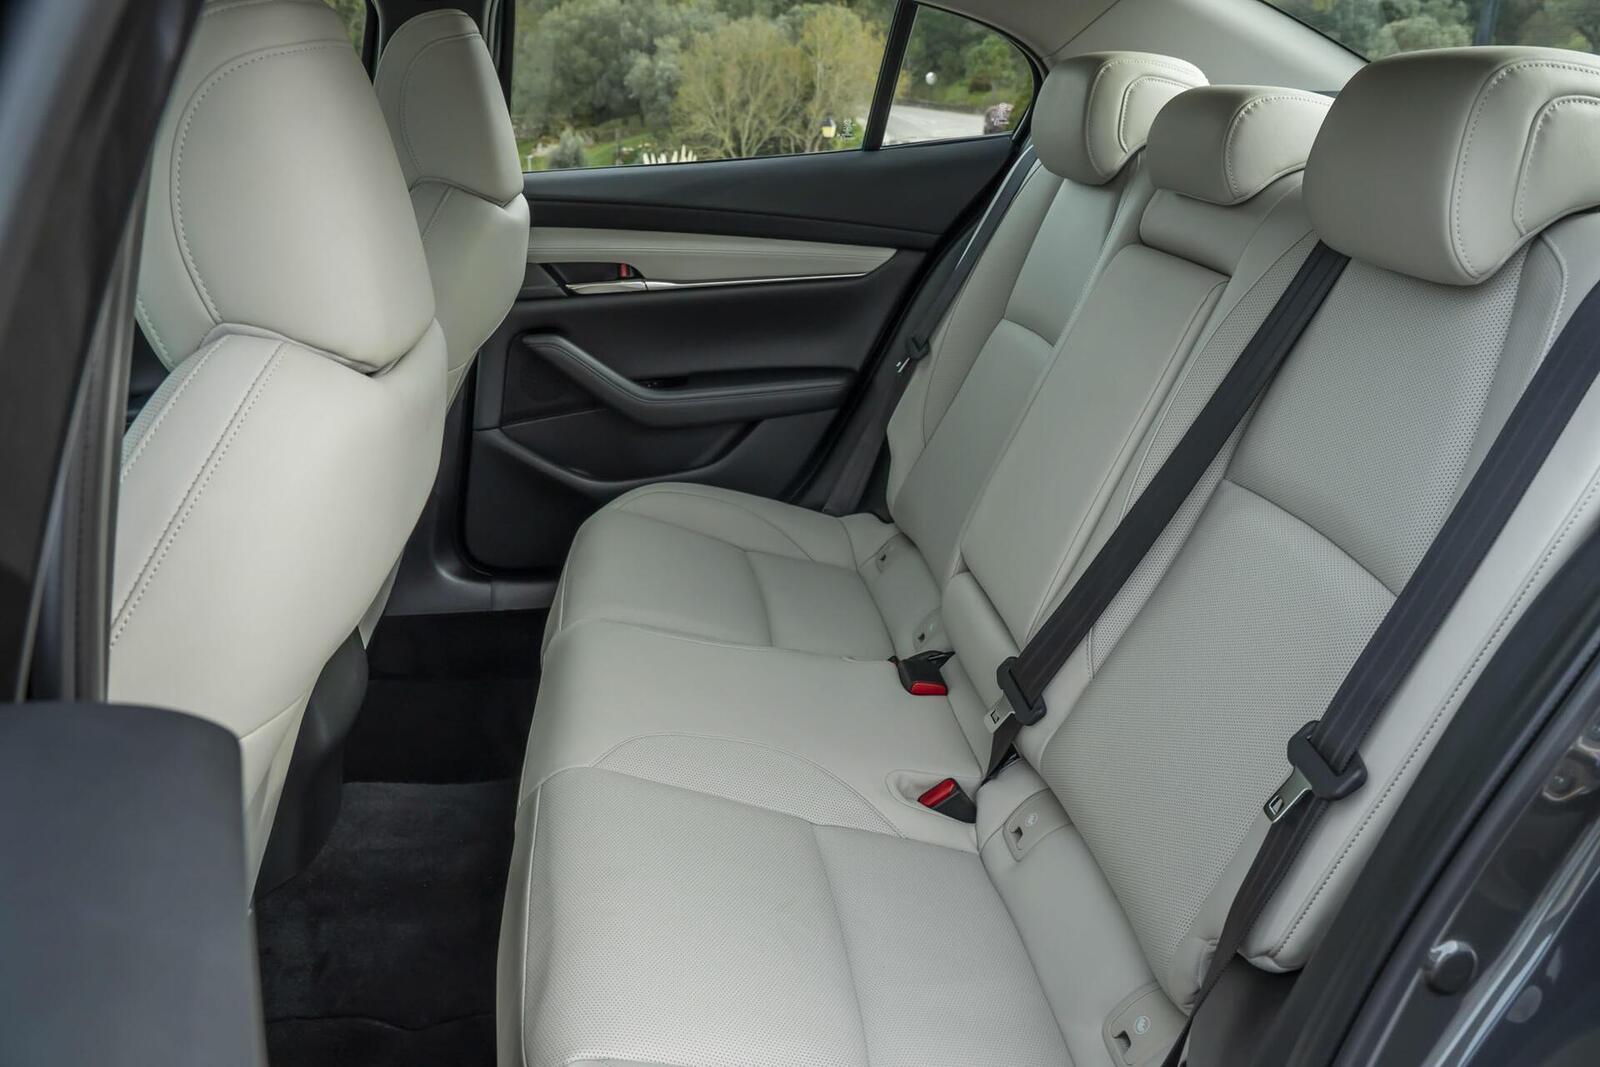 Mazda3 thế hệ mới chốt lịch ra mắt tại Malaysia vào tháng sau; giá dự kiến từ 764 triệu đồng - Hình 8